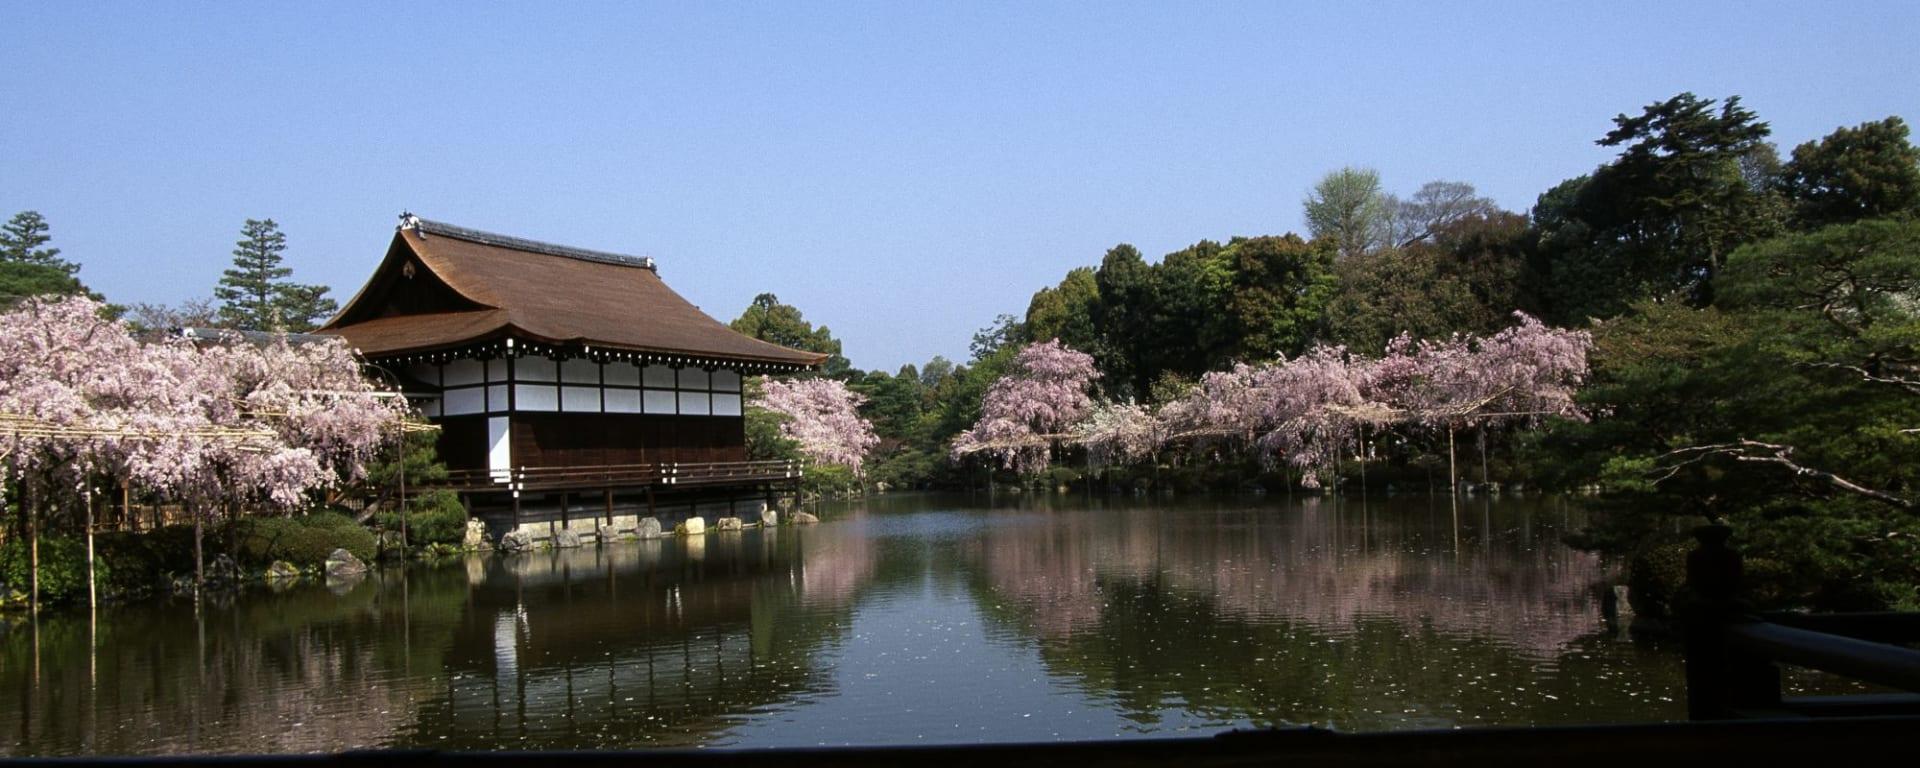 Tour de ville de Kyoto - une journée: Kyoto Heian Shrine